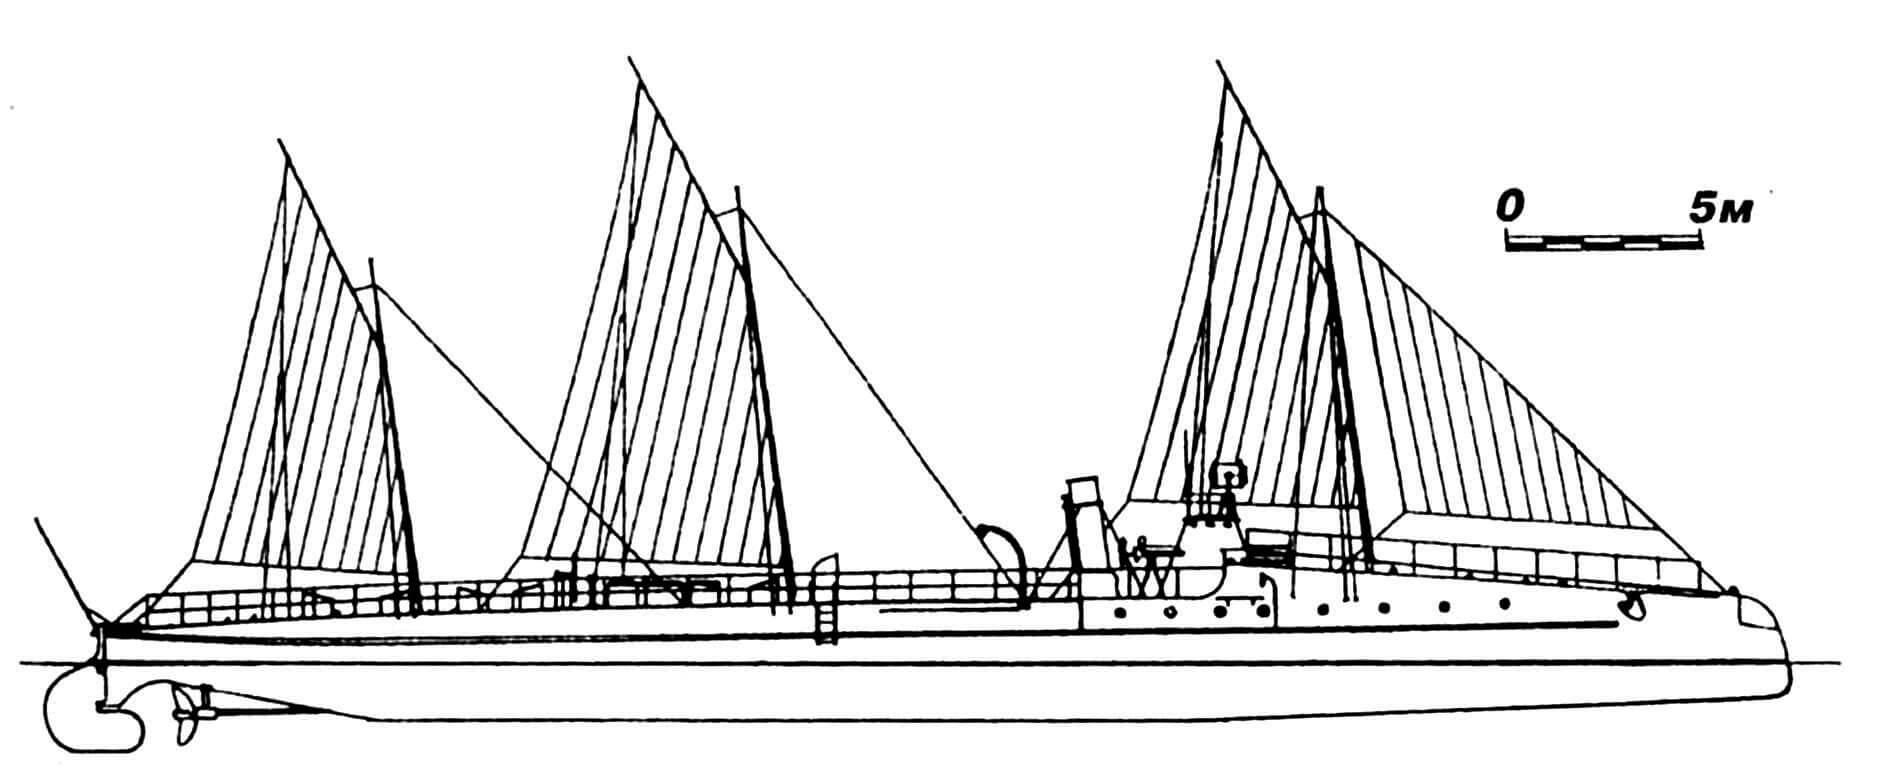 49.Миноносец «Ревель», Россия, 1886 г. Строился во Франции фирмой «Норман». Водоизмещение полное 109 т. Длина по ватерлинии 46,8 м, ширина 3,8 м, осадка 2,5 м. Мощность одновальной паросиловой установки 800 л.с., скорость на испытаниях 19,7 узла. Вооружение: два торпедных аппарата, две 37-мм револьверные пушки Гочкиса. Всего построено две единицы: «Ревель» и «Свеаборг». В 1894—1895 гг. перешли на Дальний Восток, в 1898 г. переименованы в № 205 и № 206 соответственно. Исключены из списков флота в 1913г.